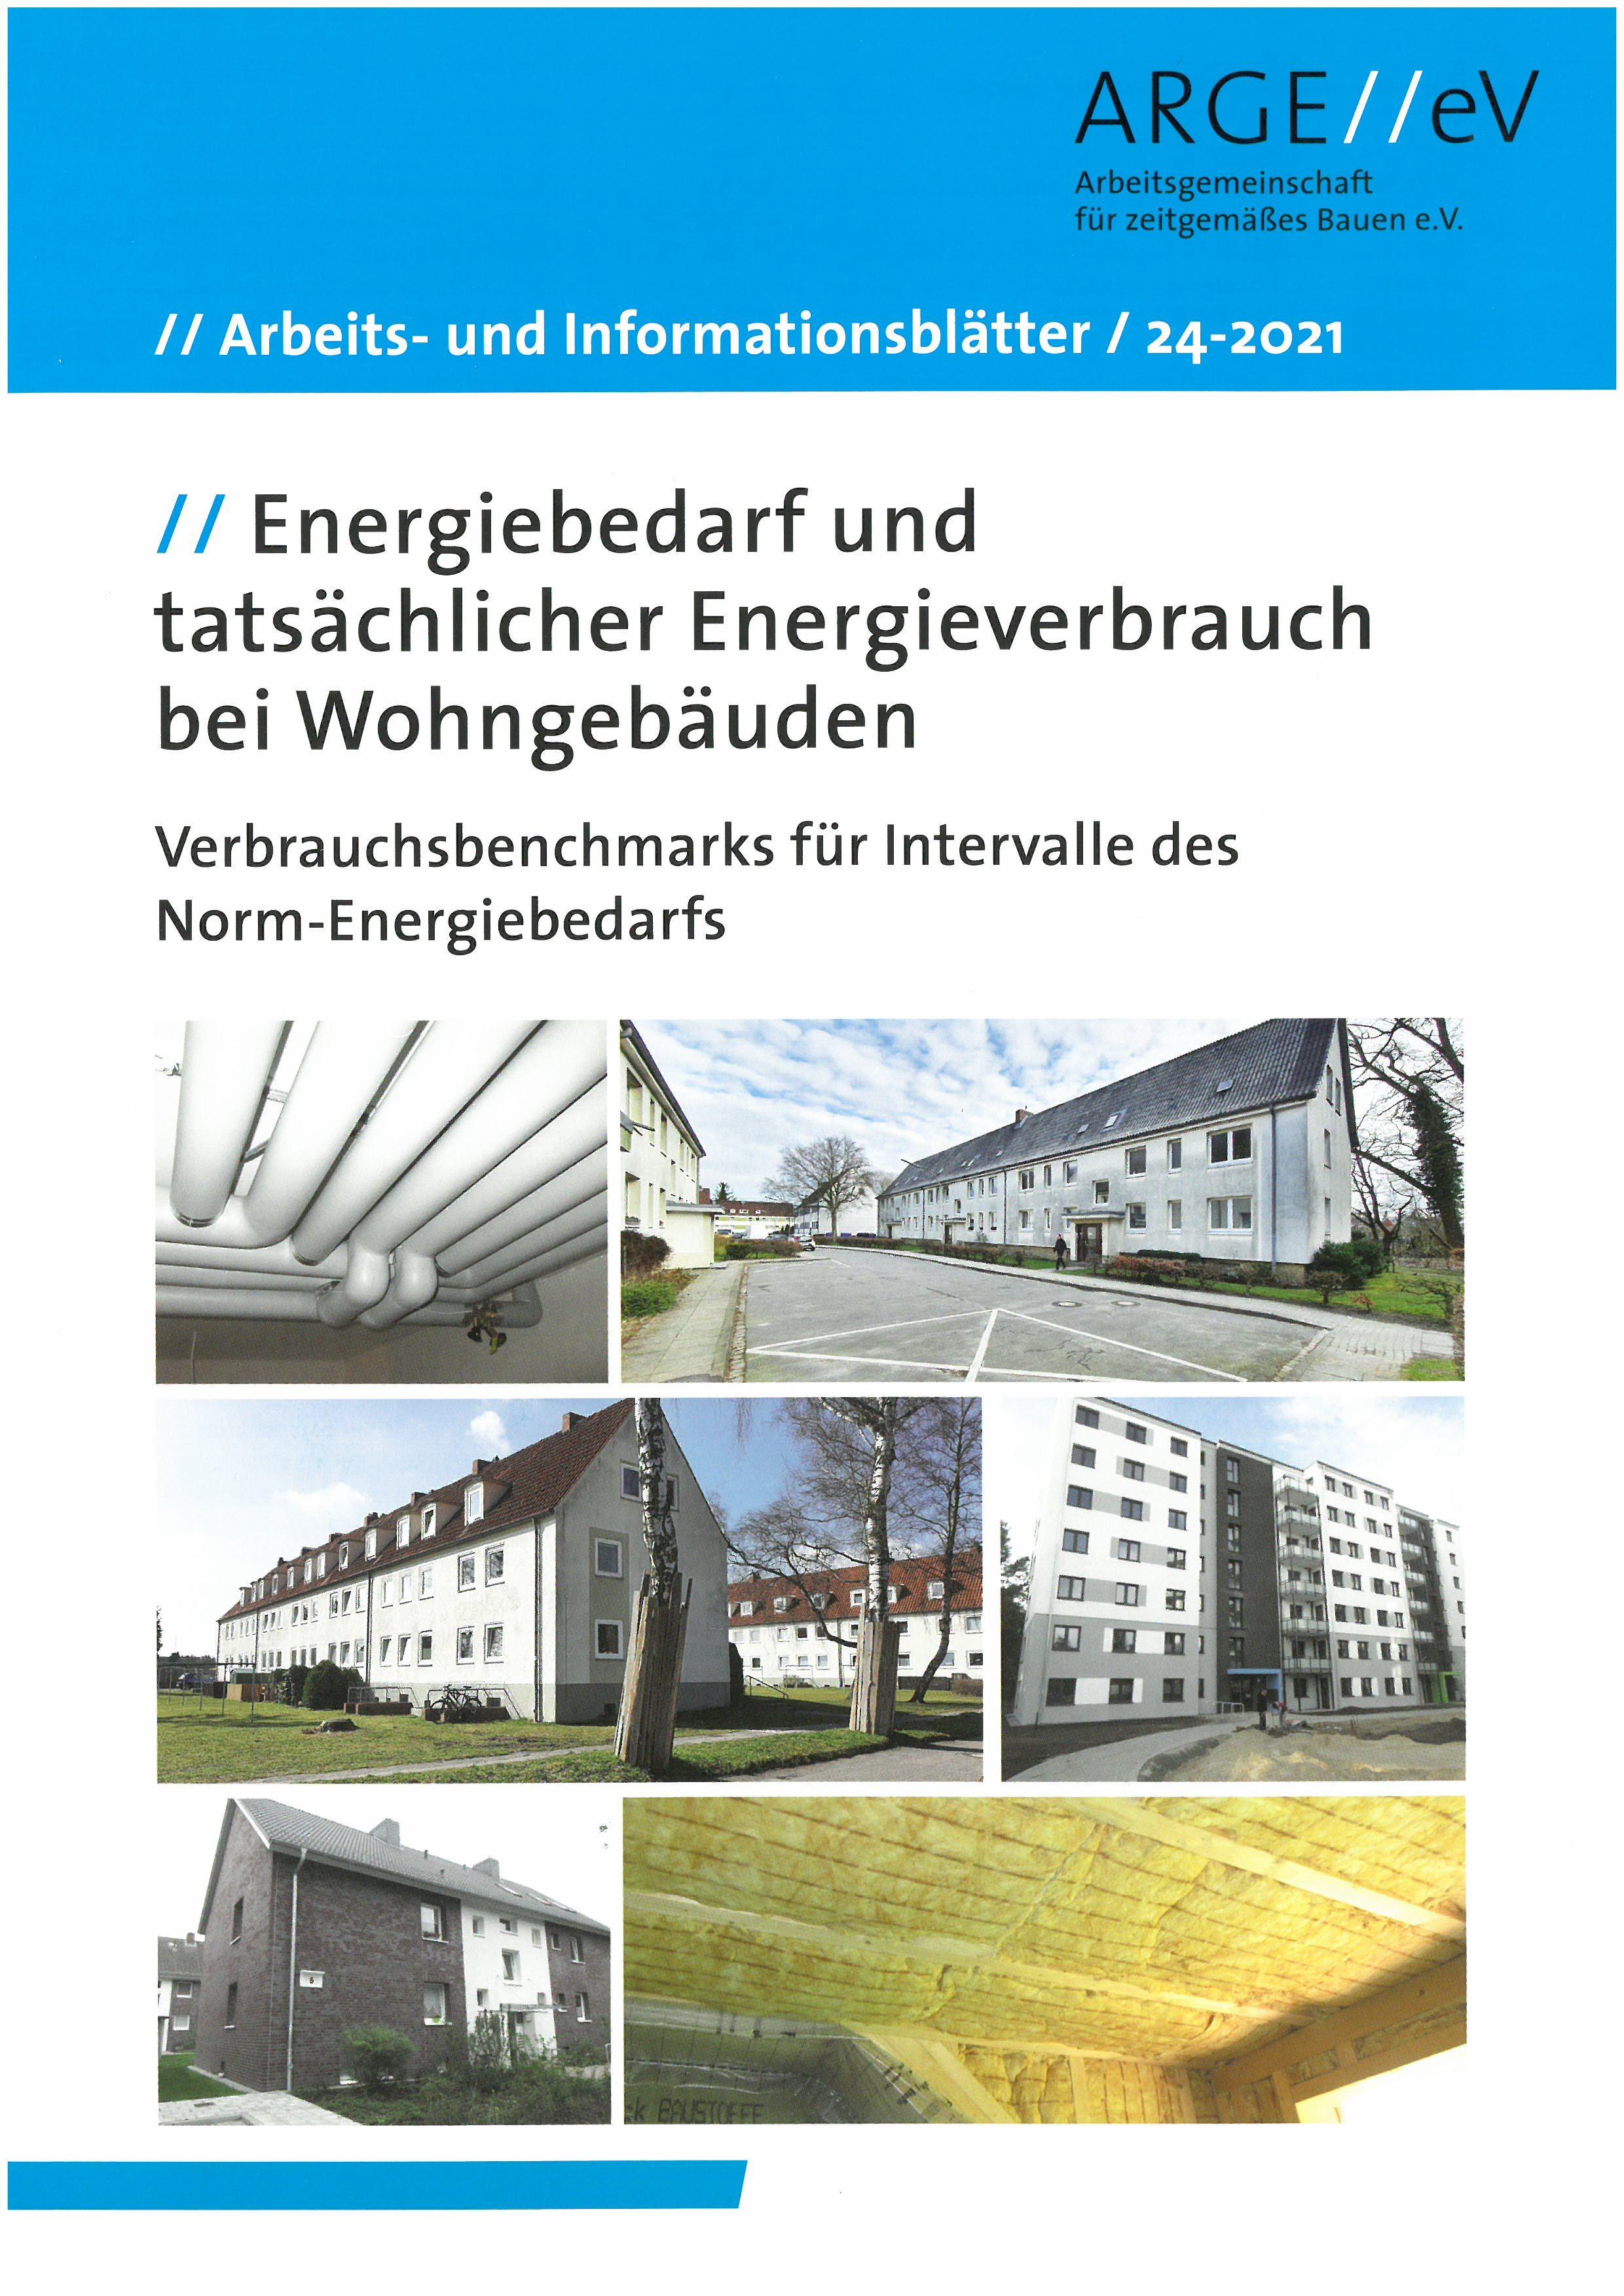 Energiebedarf und tatsächlicher Energieverbrauch bei Wohngebäuden